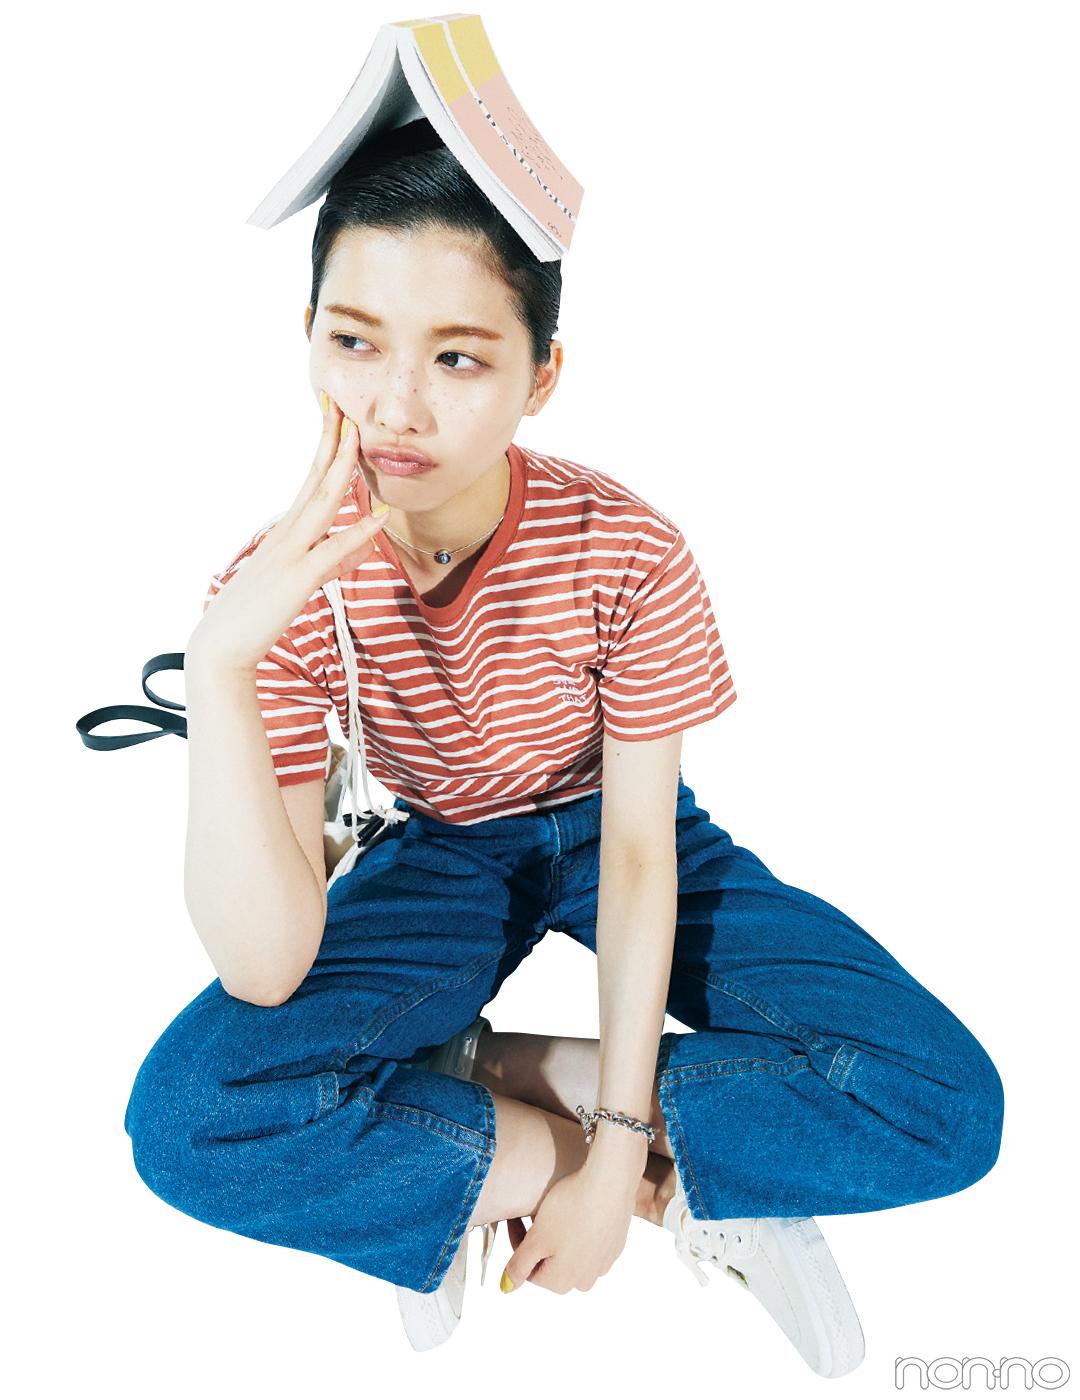 Photo Gallery 渡邉理佐の毎日Tシャツコーデ フォトギャラリー_1_27